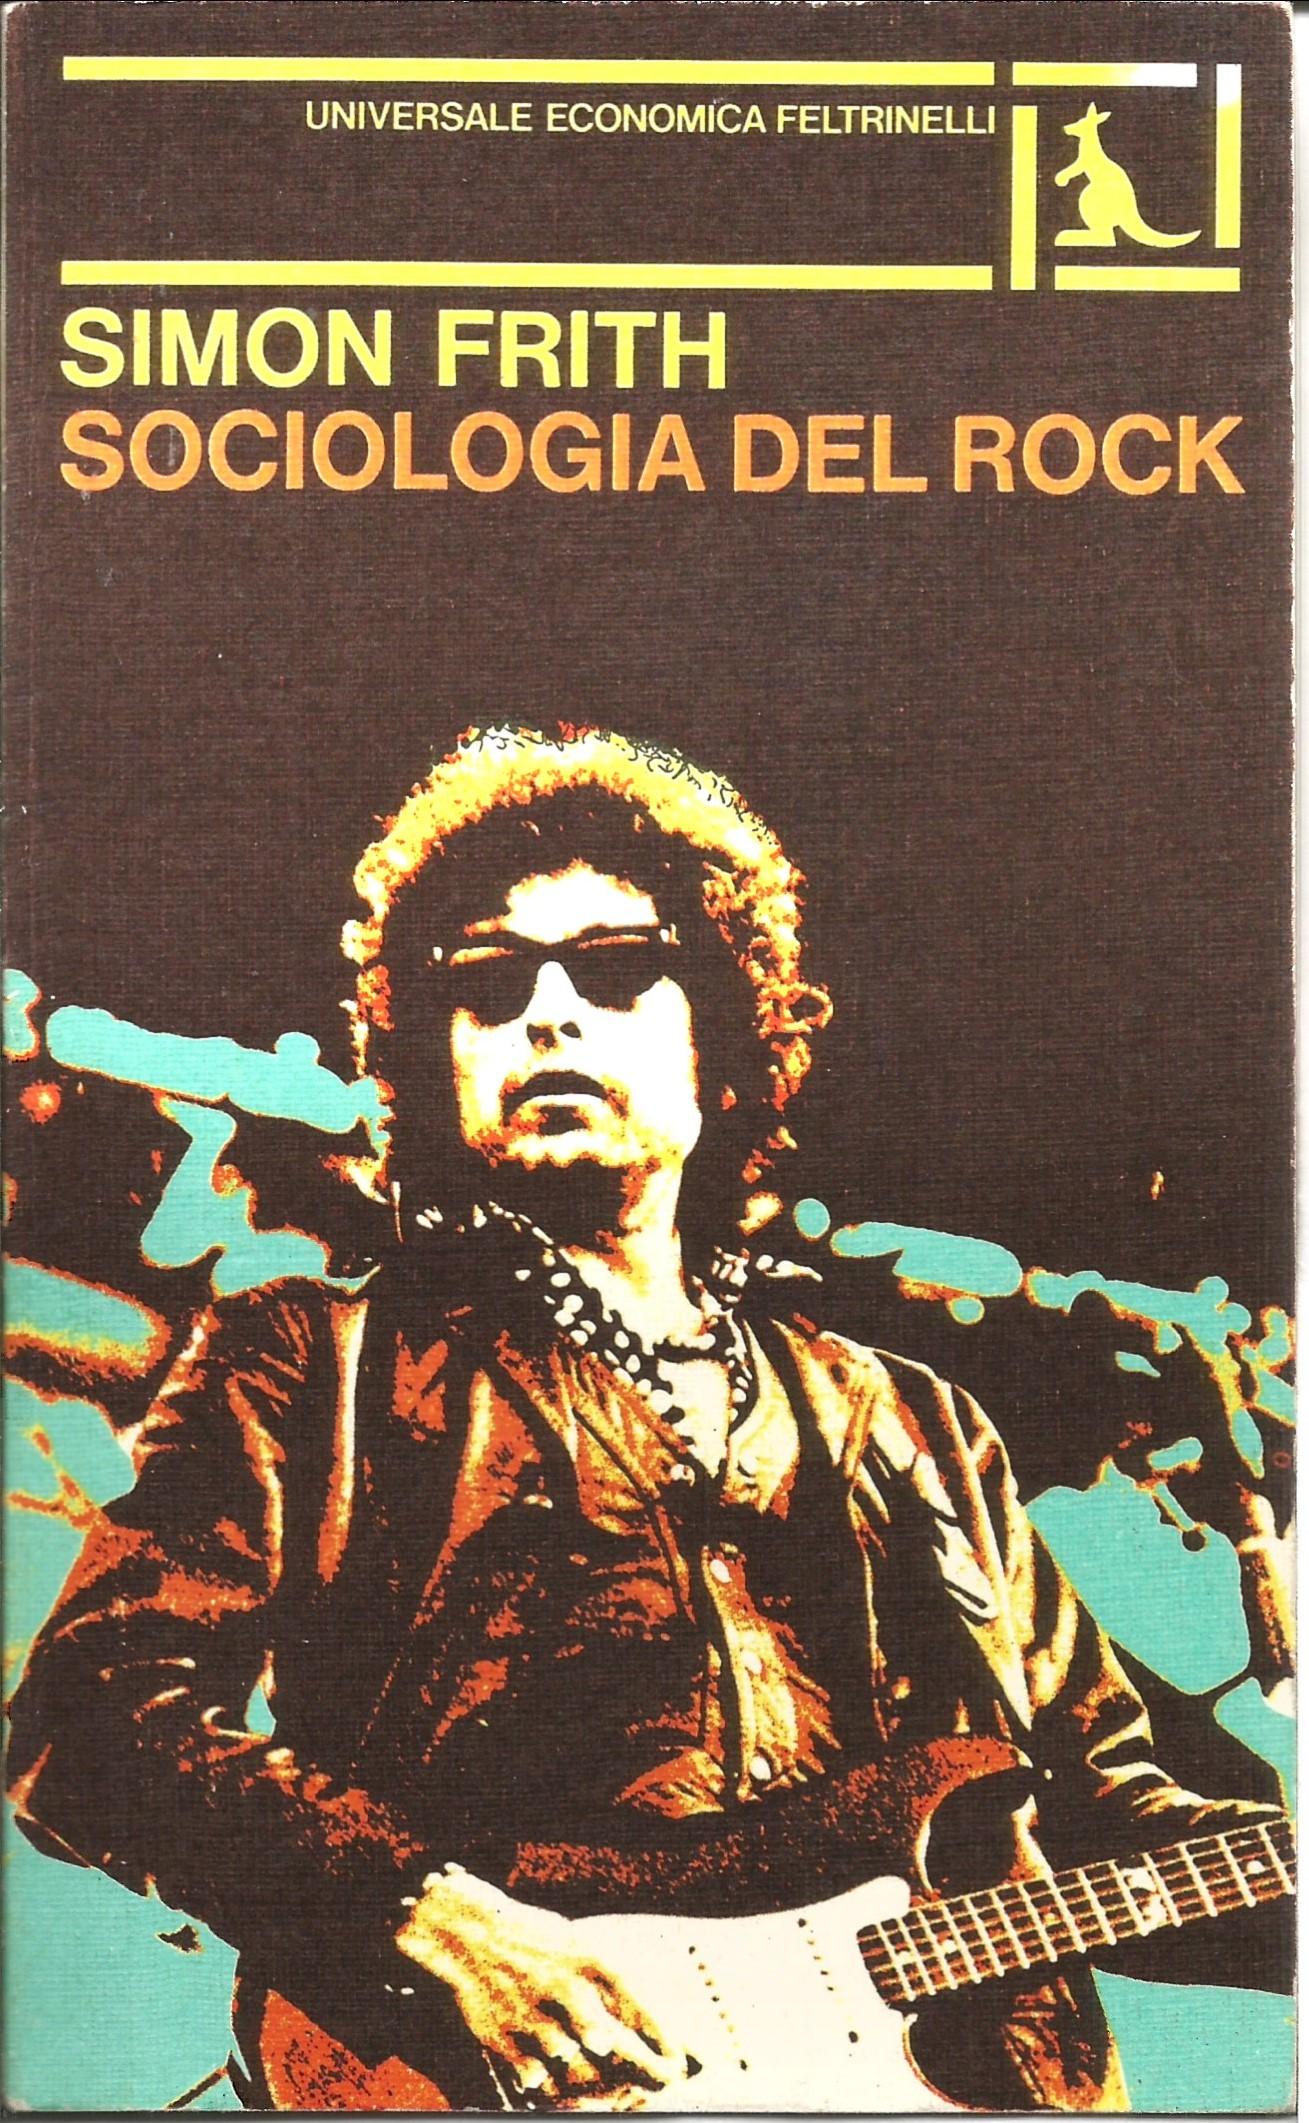 Sociologia del rock